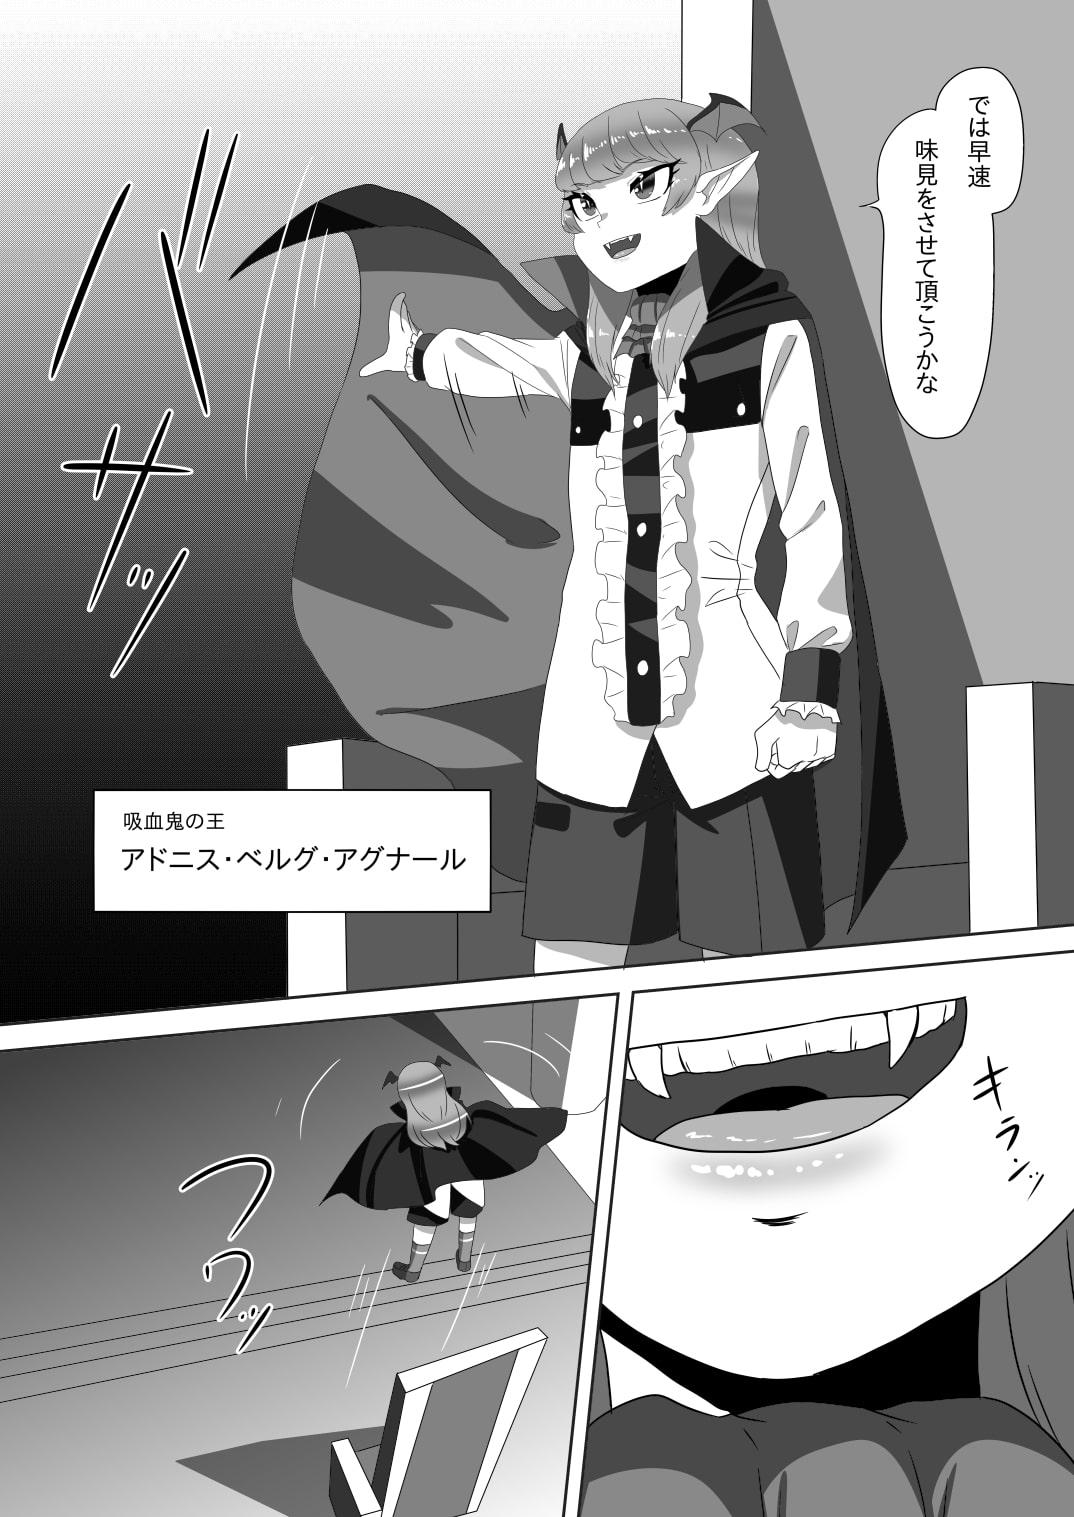 ショタ吸血鬼と生贄のフタナリ狼姫